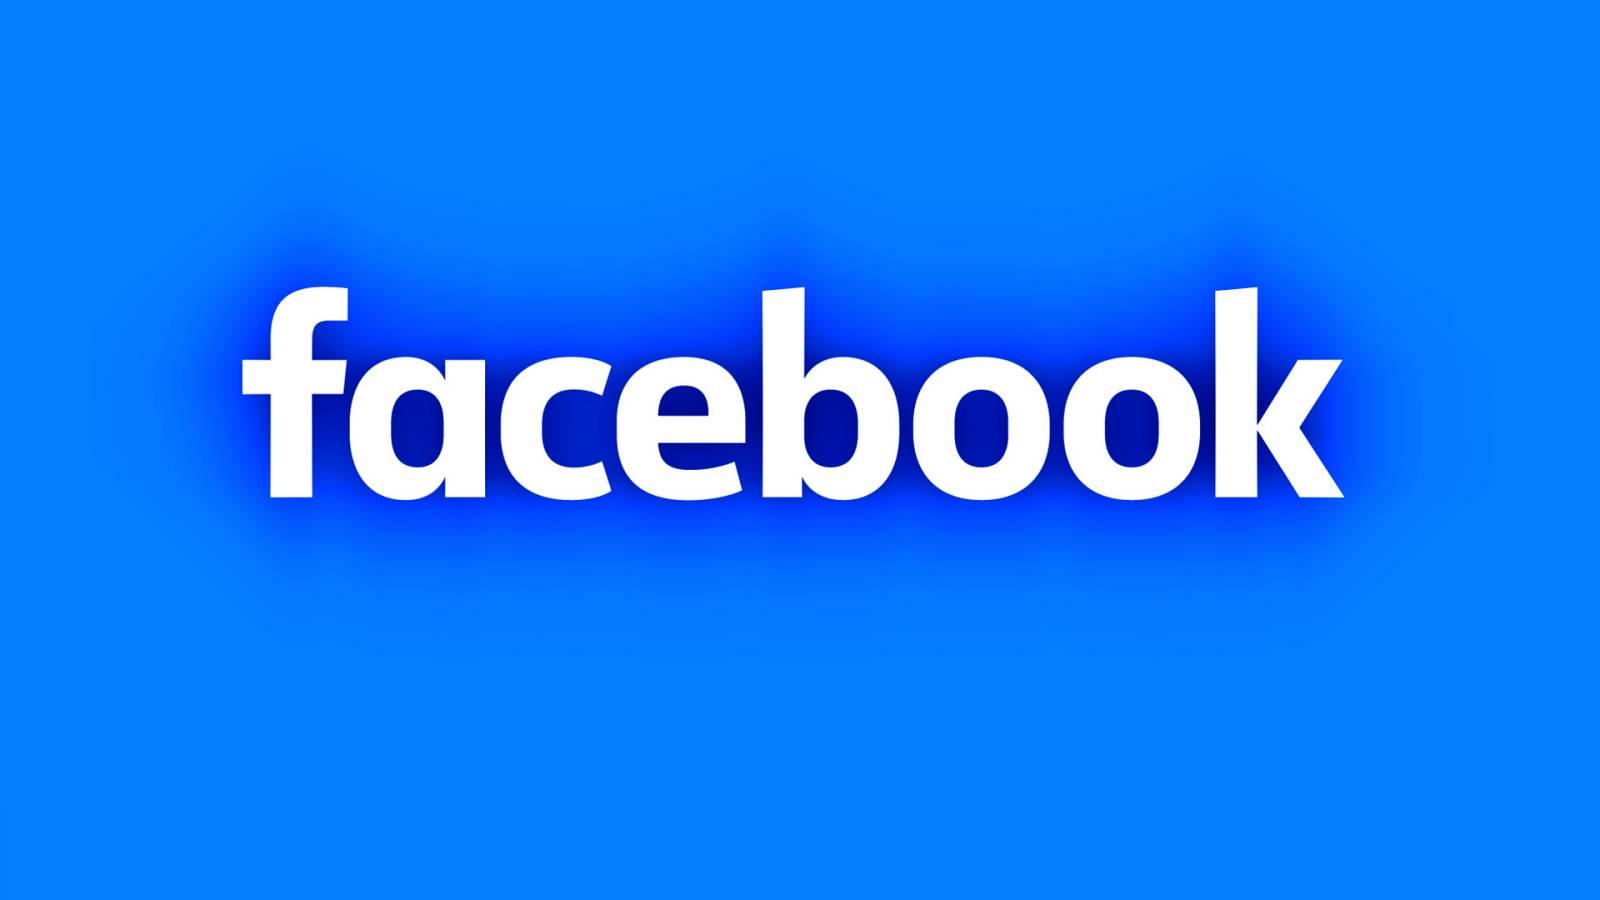 Facebook TikTok Devanseaza Totul Descarcate Aplicatii